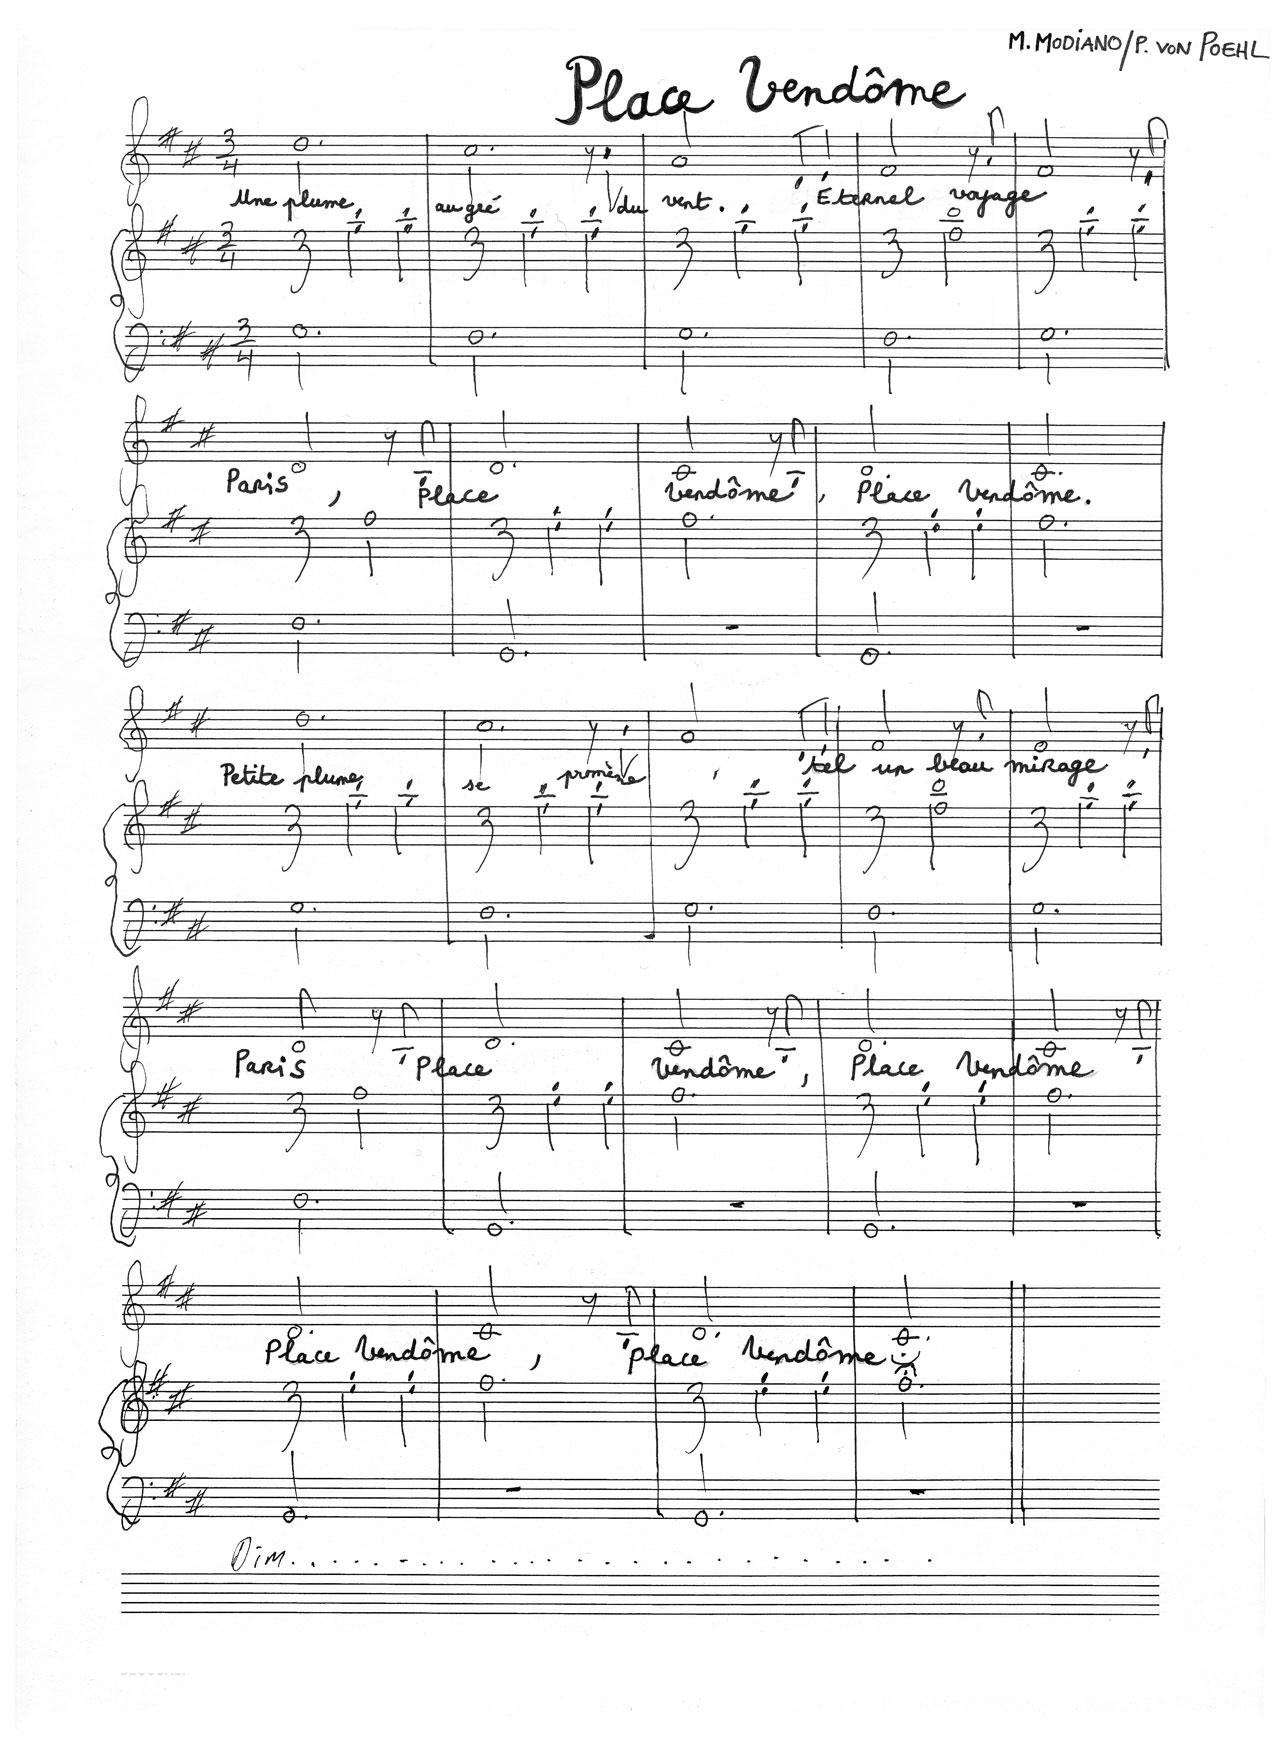 Original score. Marie Modiano / Peter von Poehl.